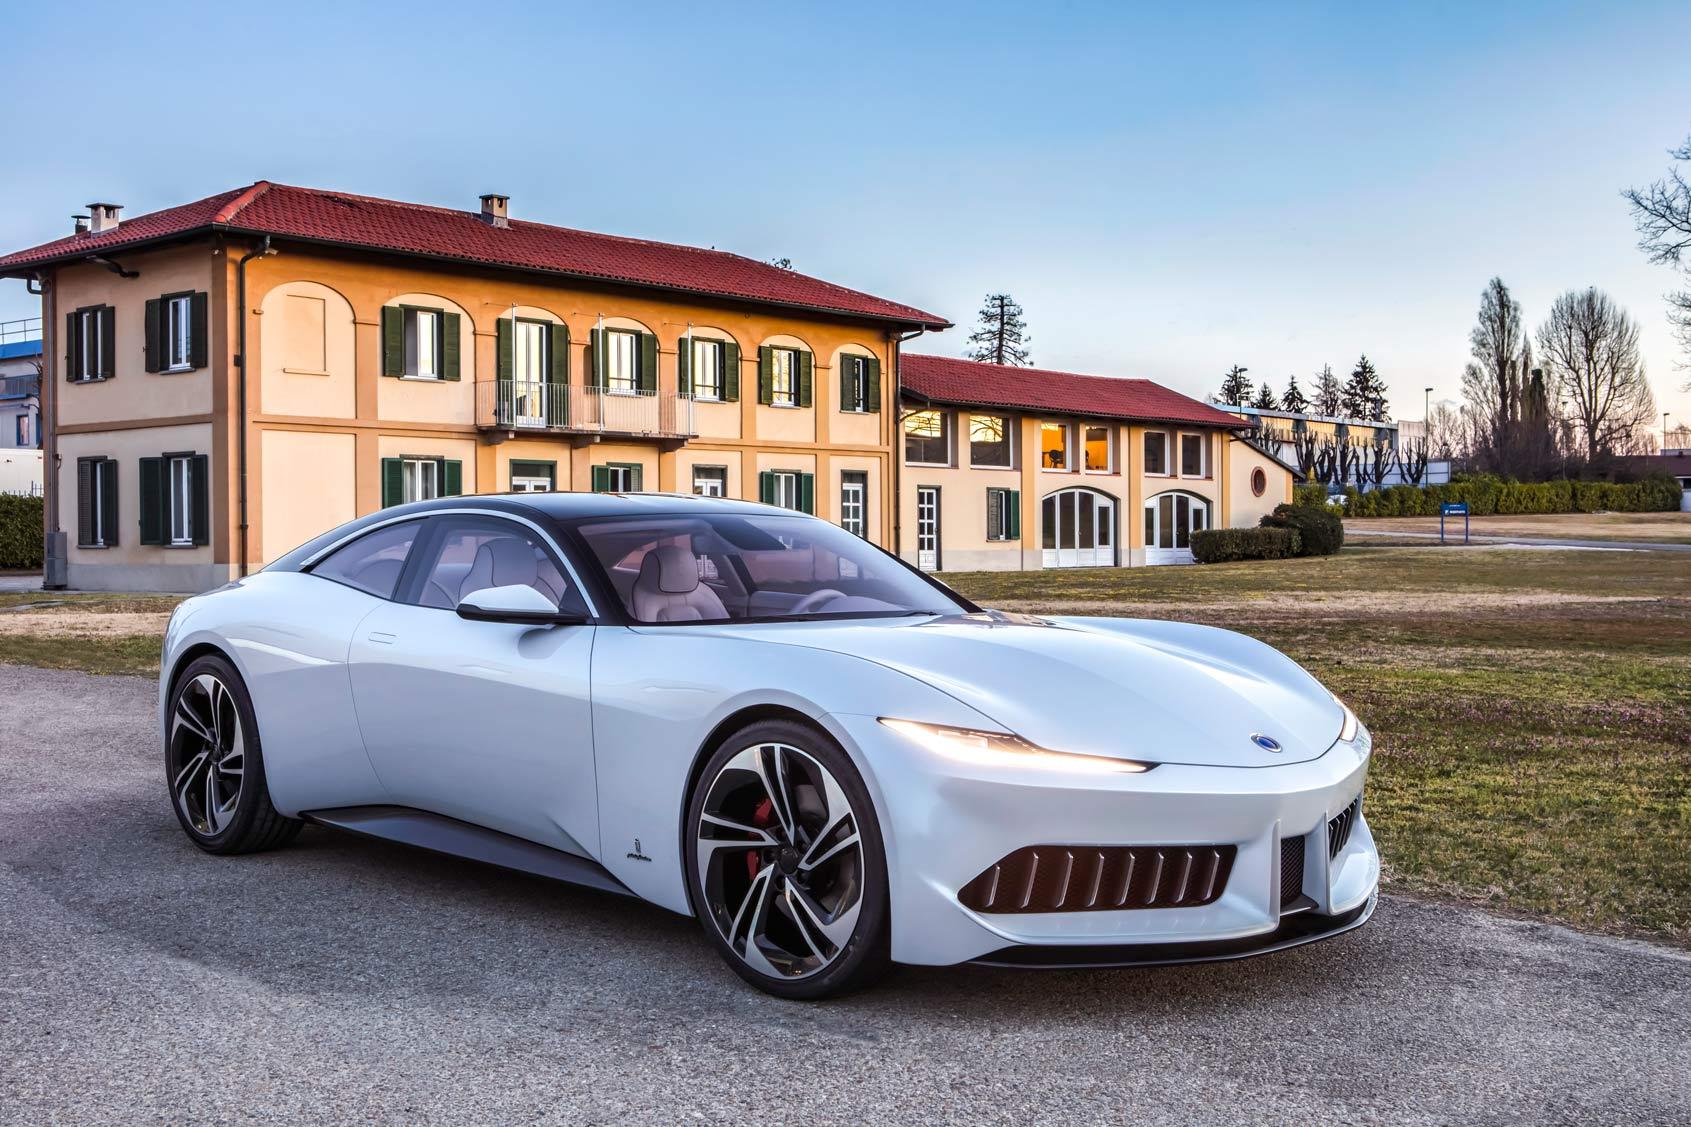 The Pininfarina Karma GT makes its debut at the Monterey Car Week